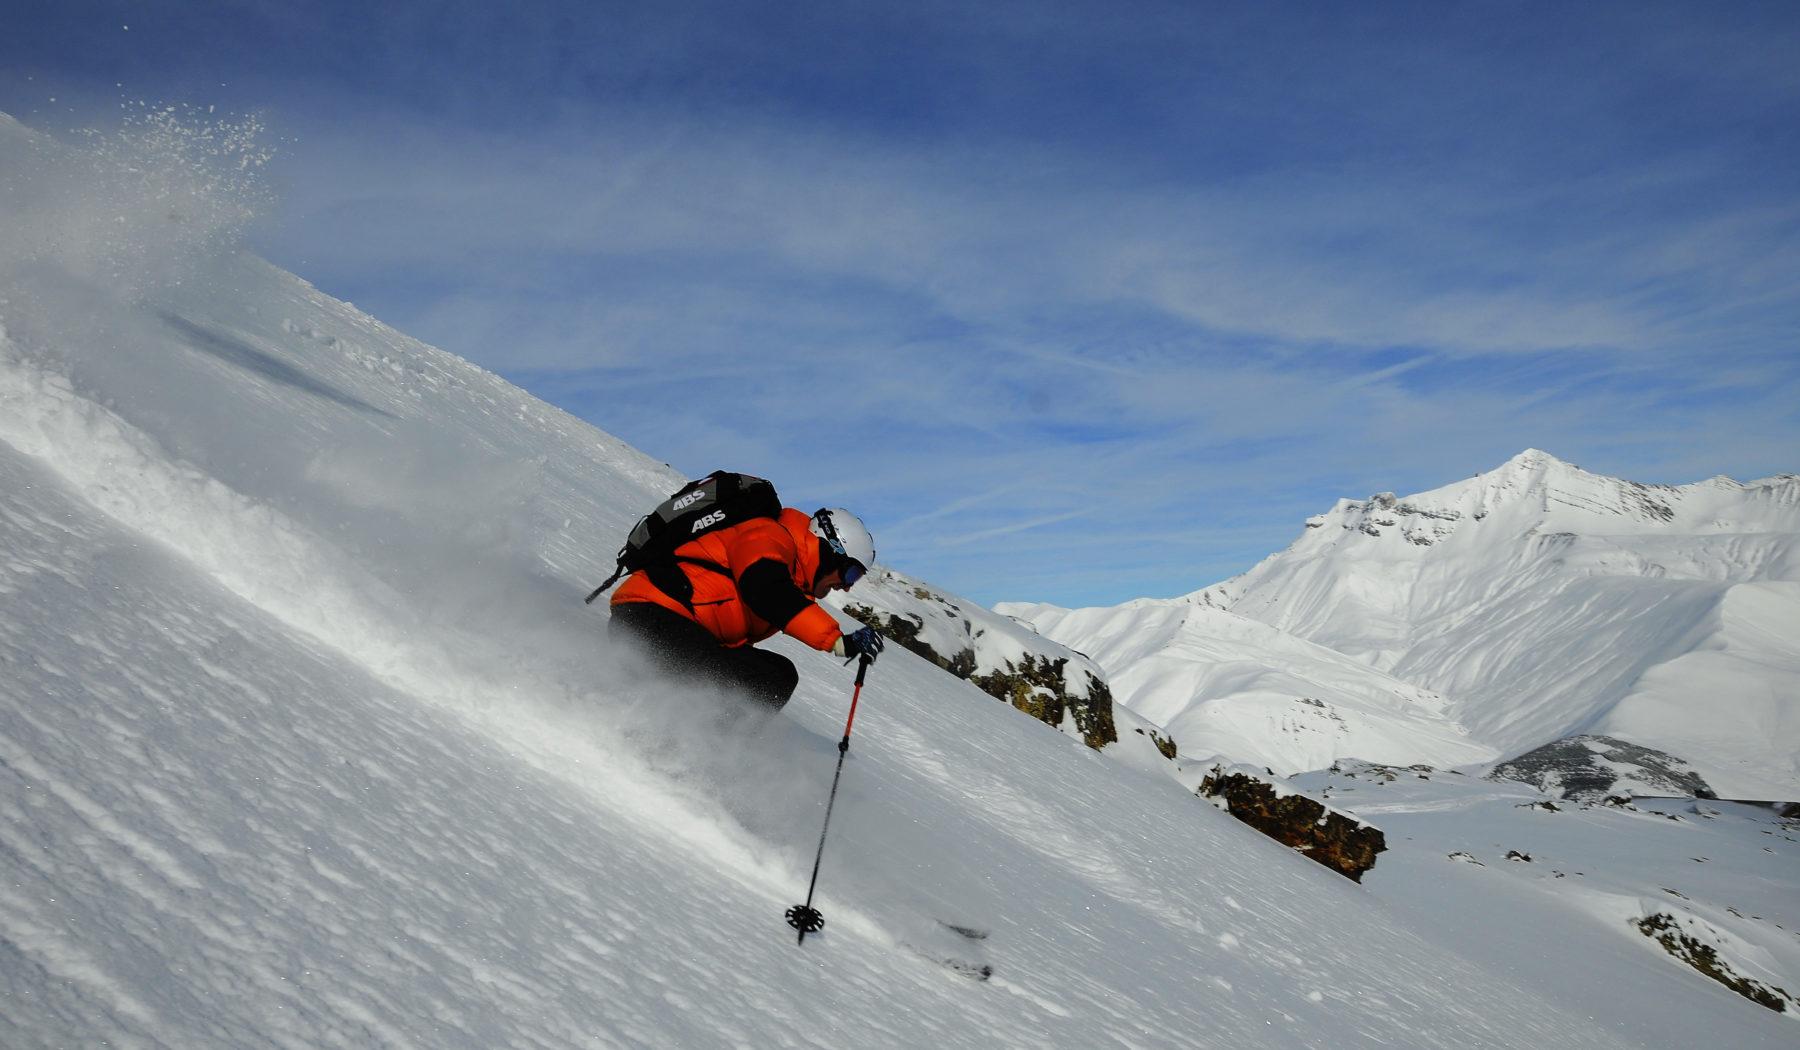 Ski hors piste à la Grave. Massif des Ecrins, Oisans.